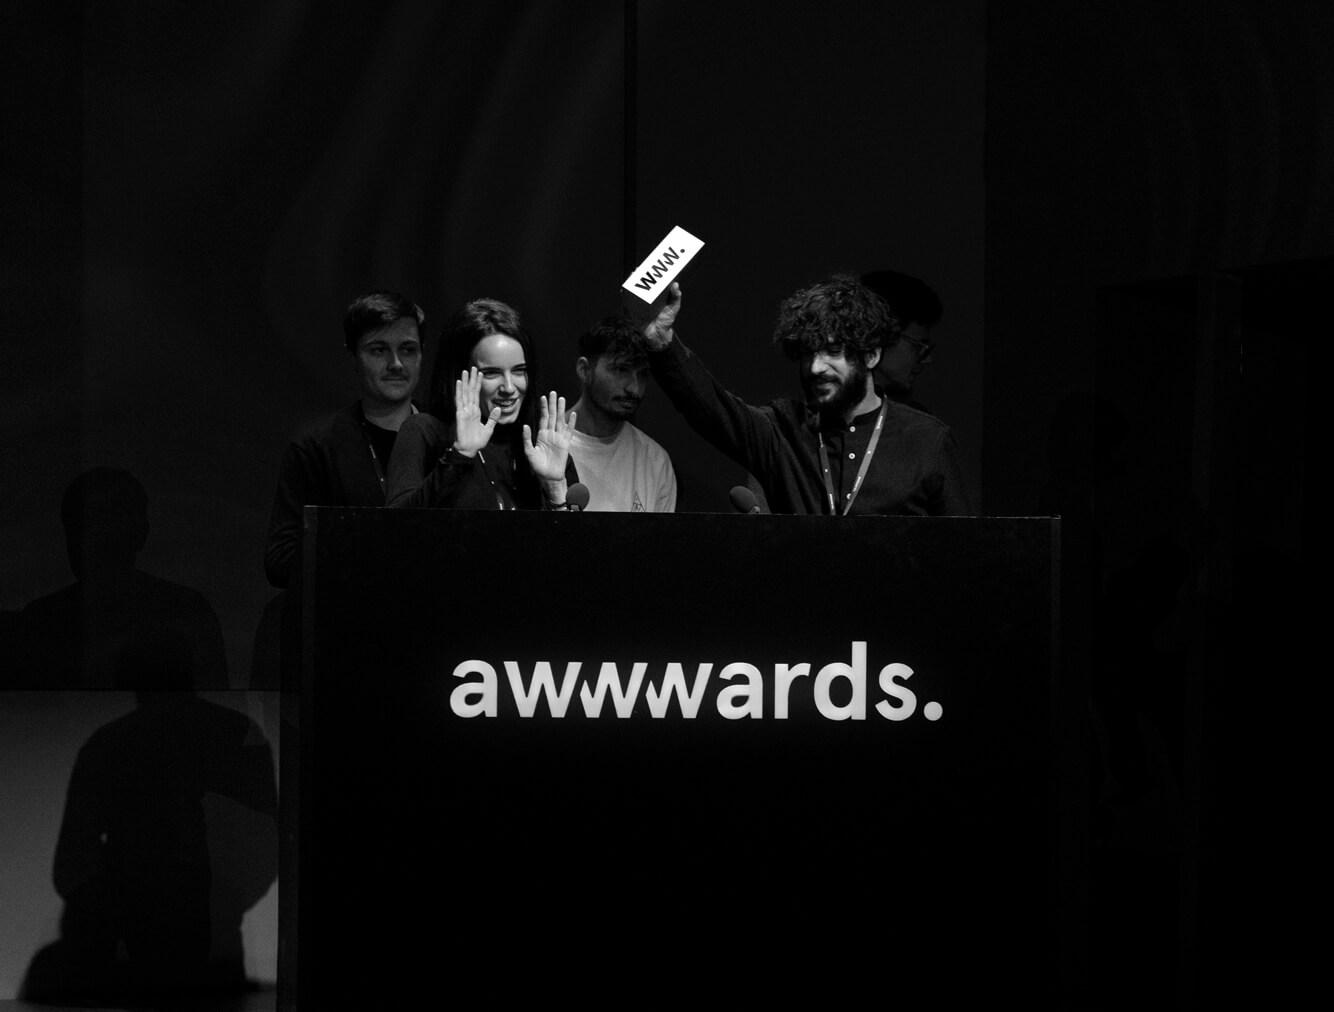 Adoratorio - Studio of the year